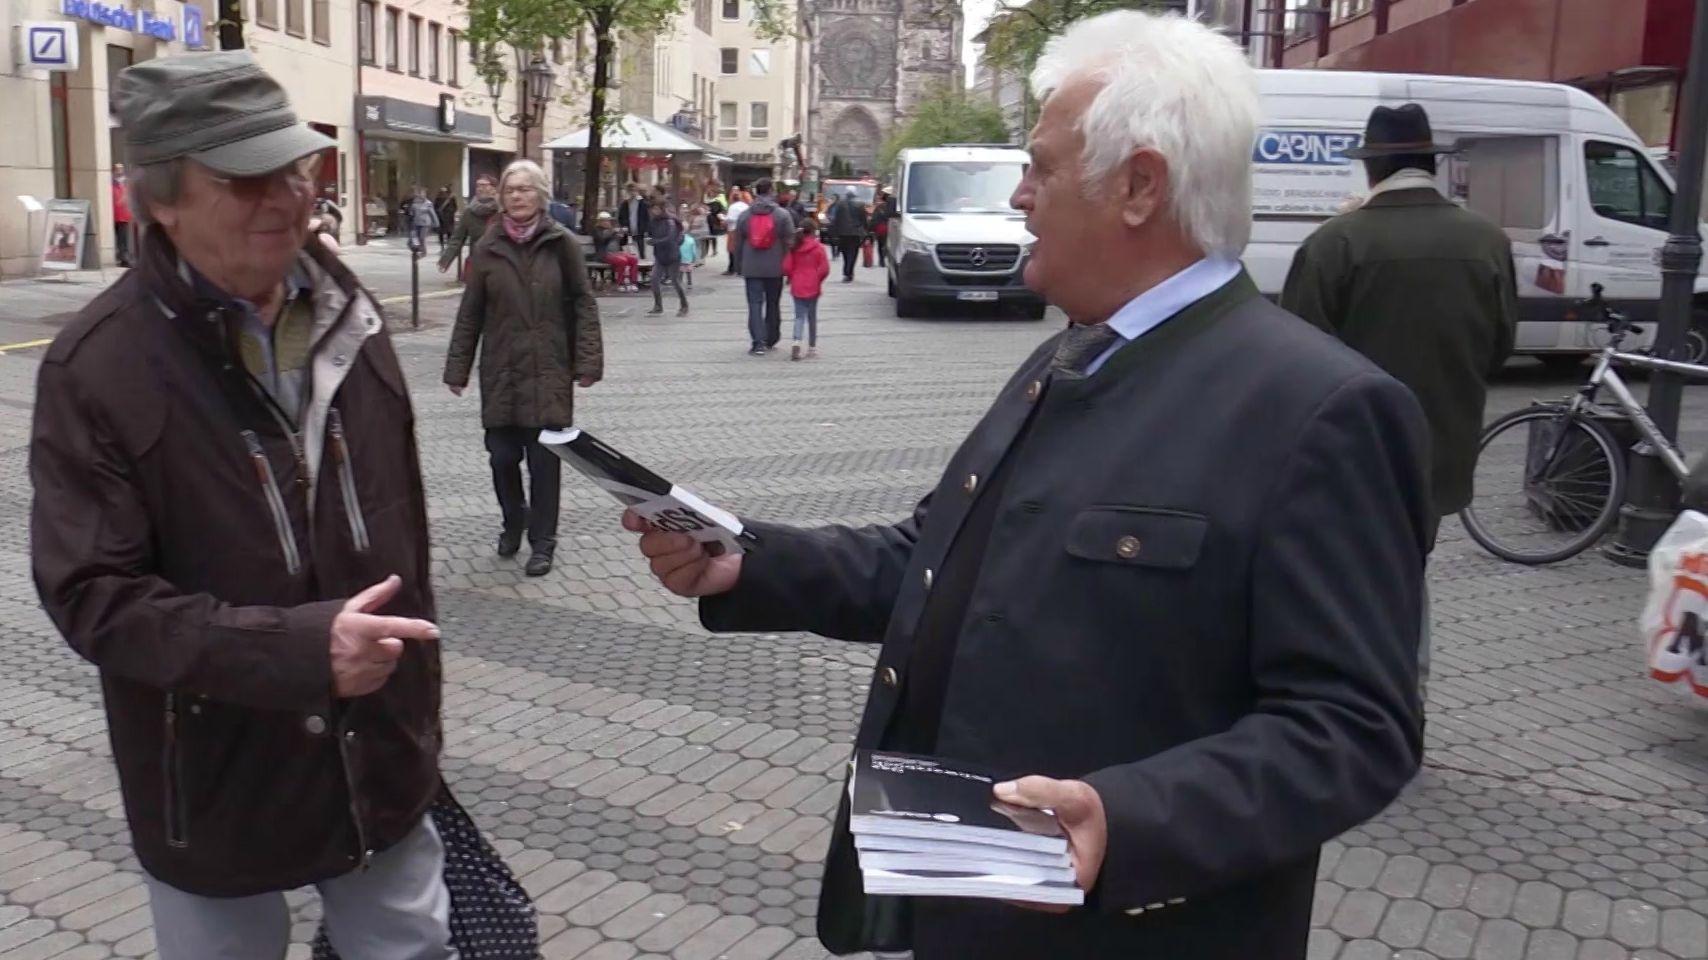 Bund der Steuerzahler informiert über das Schwarzbuch in der Nürnberger Innenstadt.